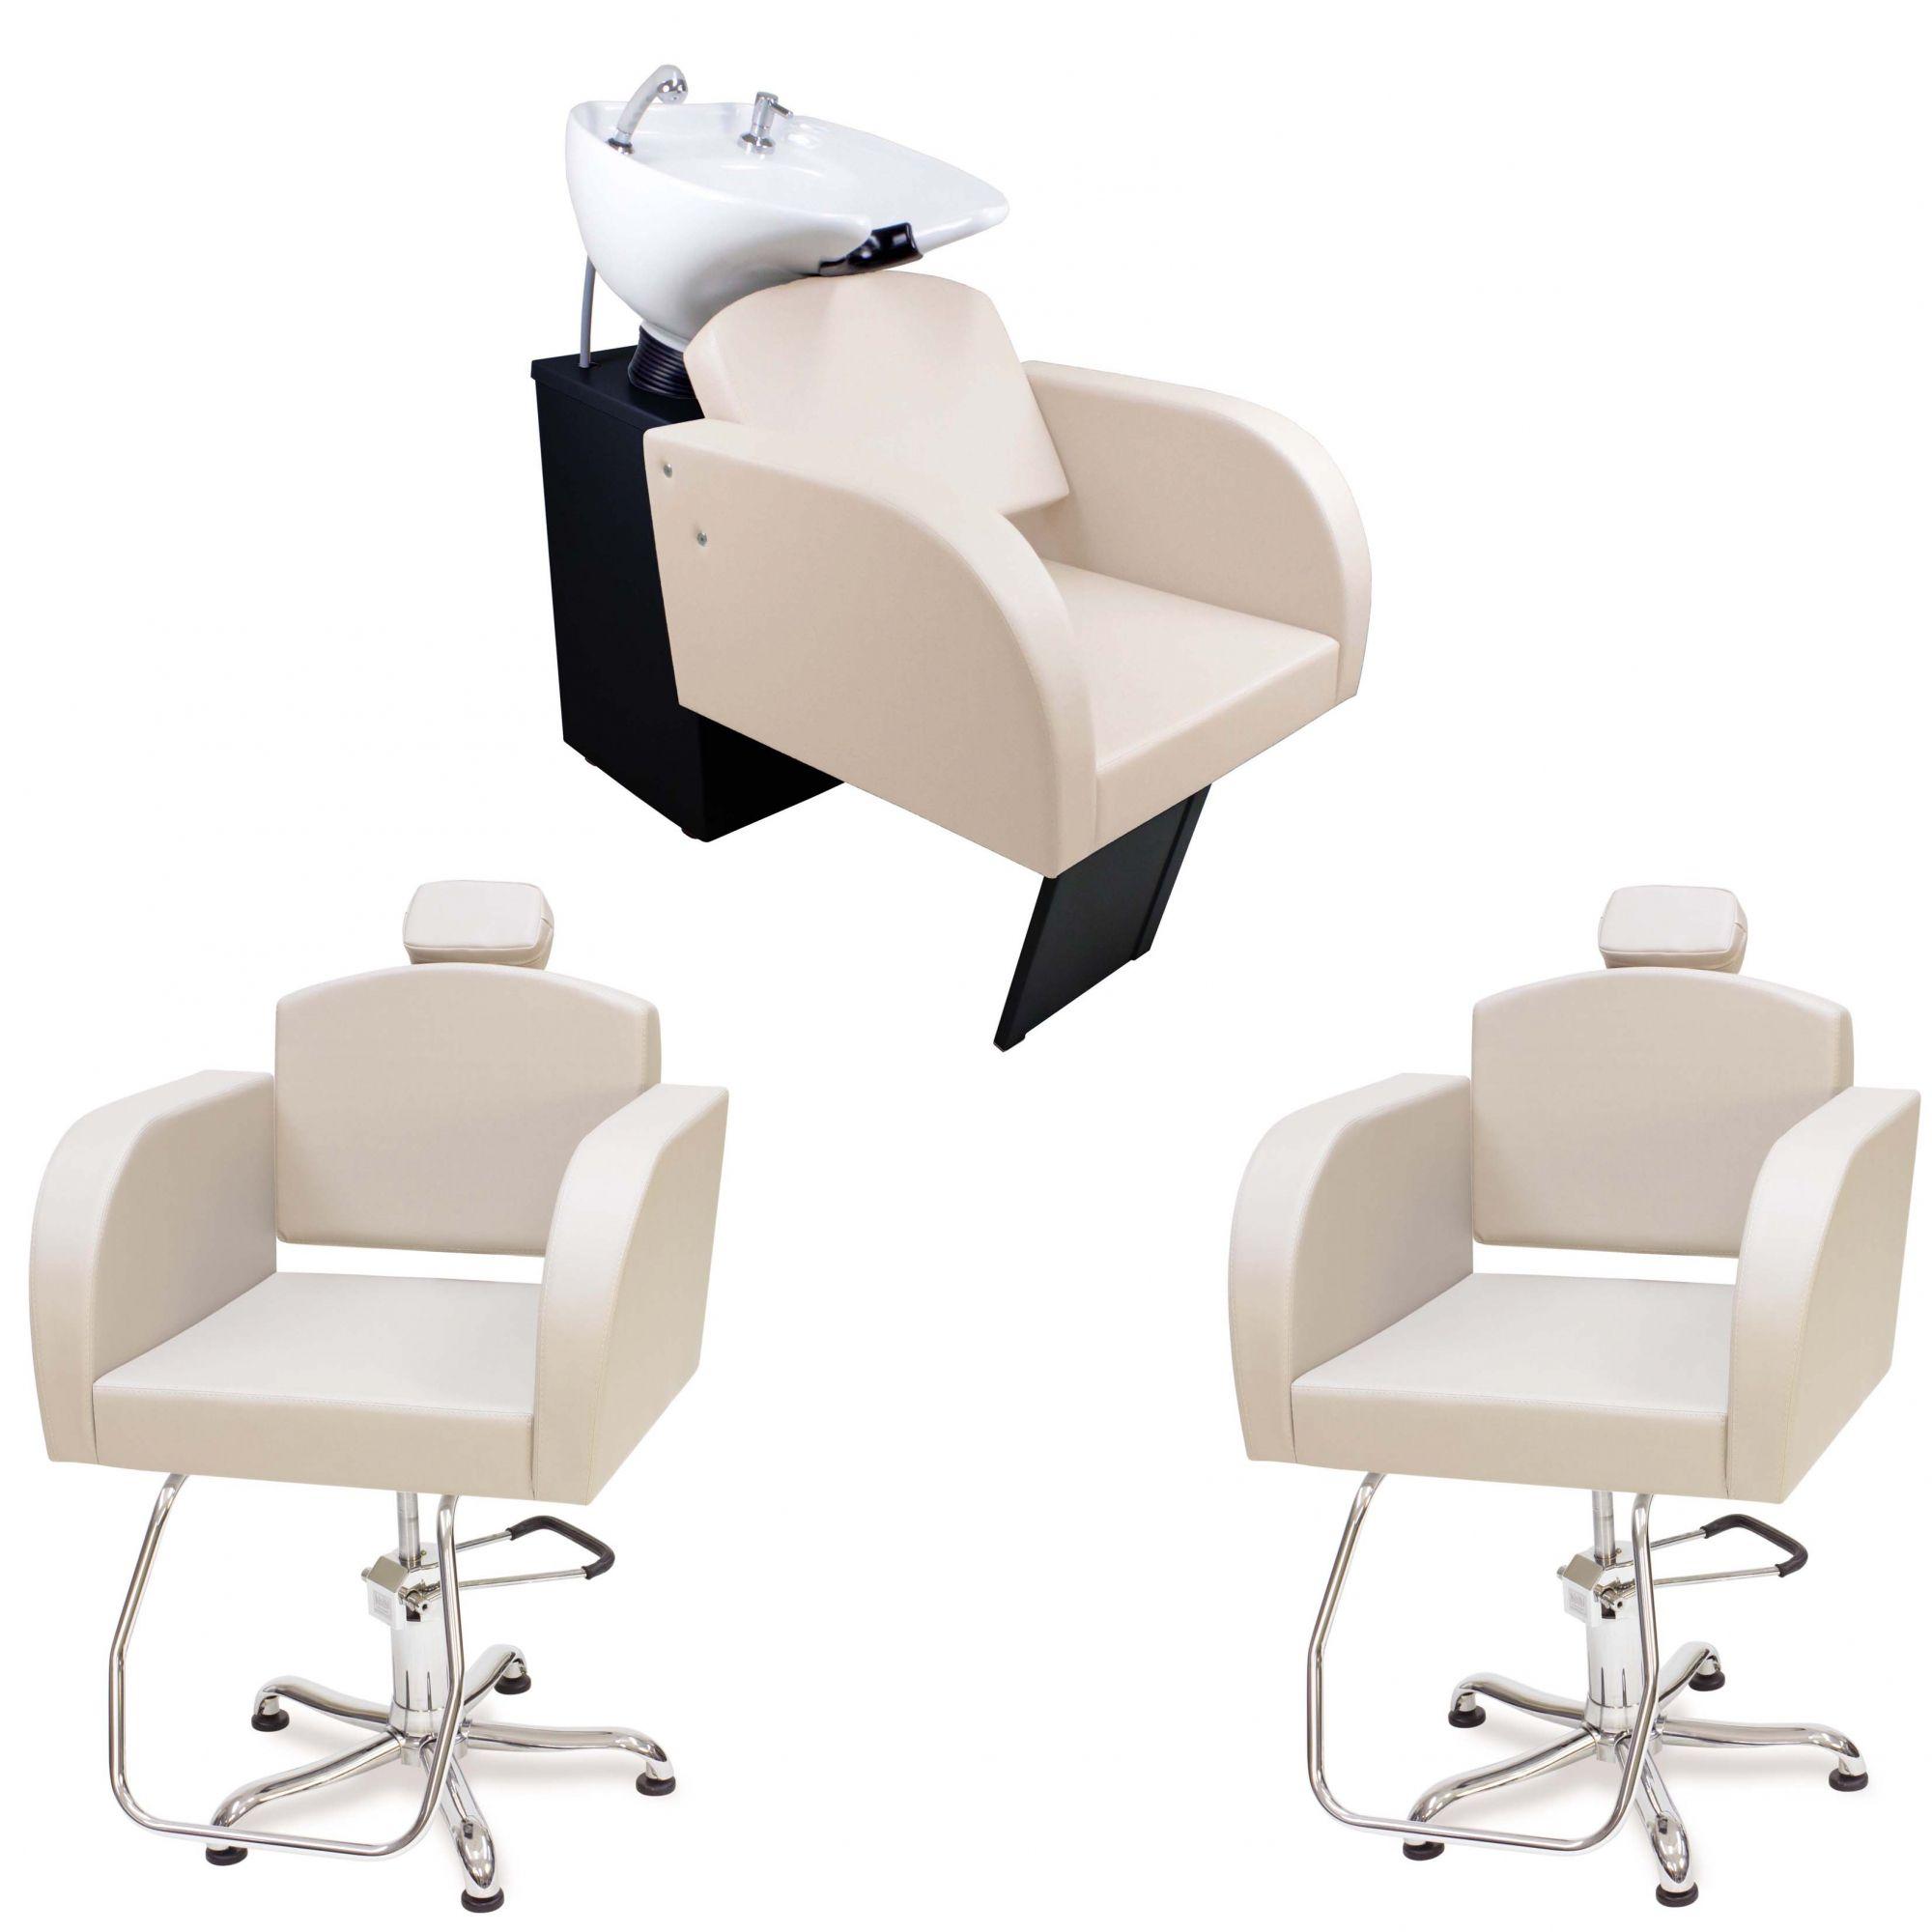 Kit Cadeira fixa Capri+ Cadeira fixa Capri+ Lavatório Capri